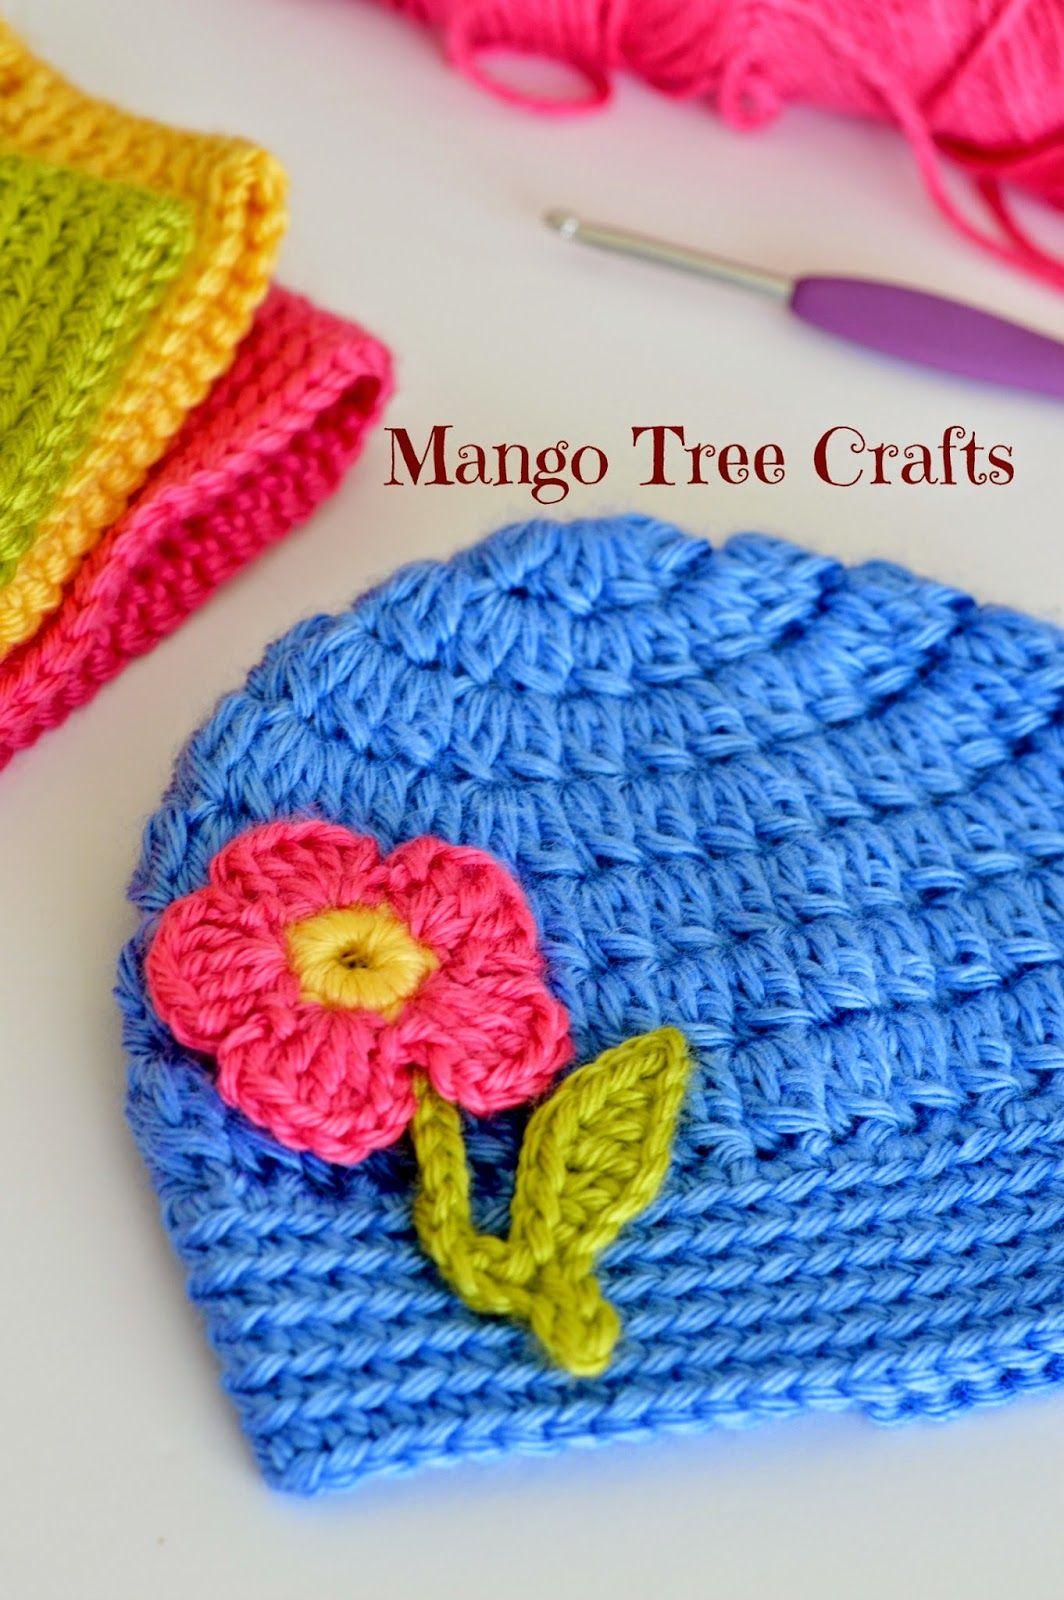 Mango Tree Crafts: Free Crochet Flower Applique Pattern | Crochet ...